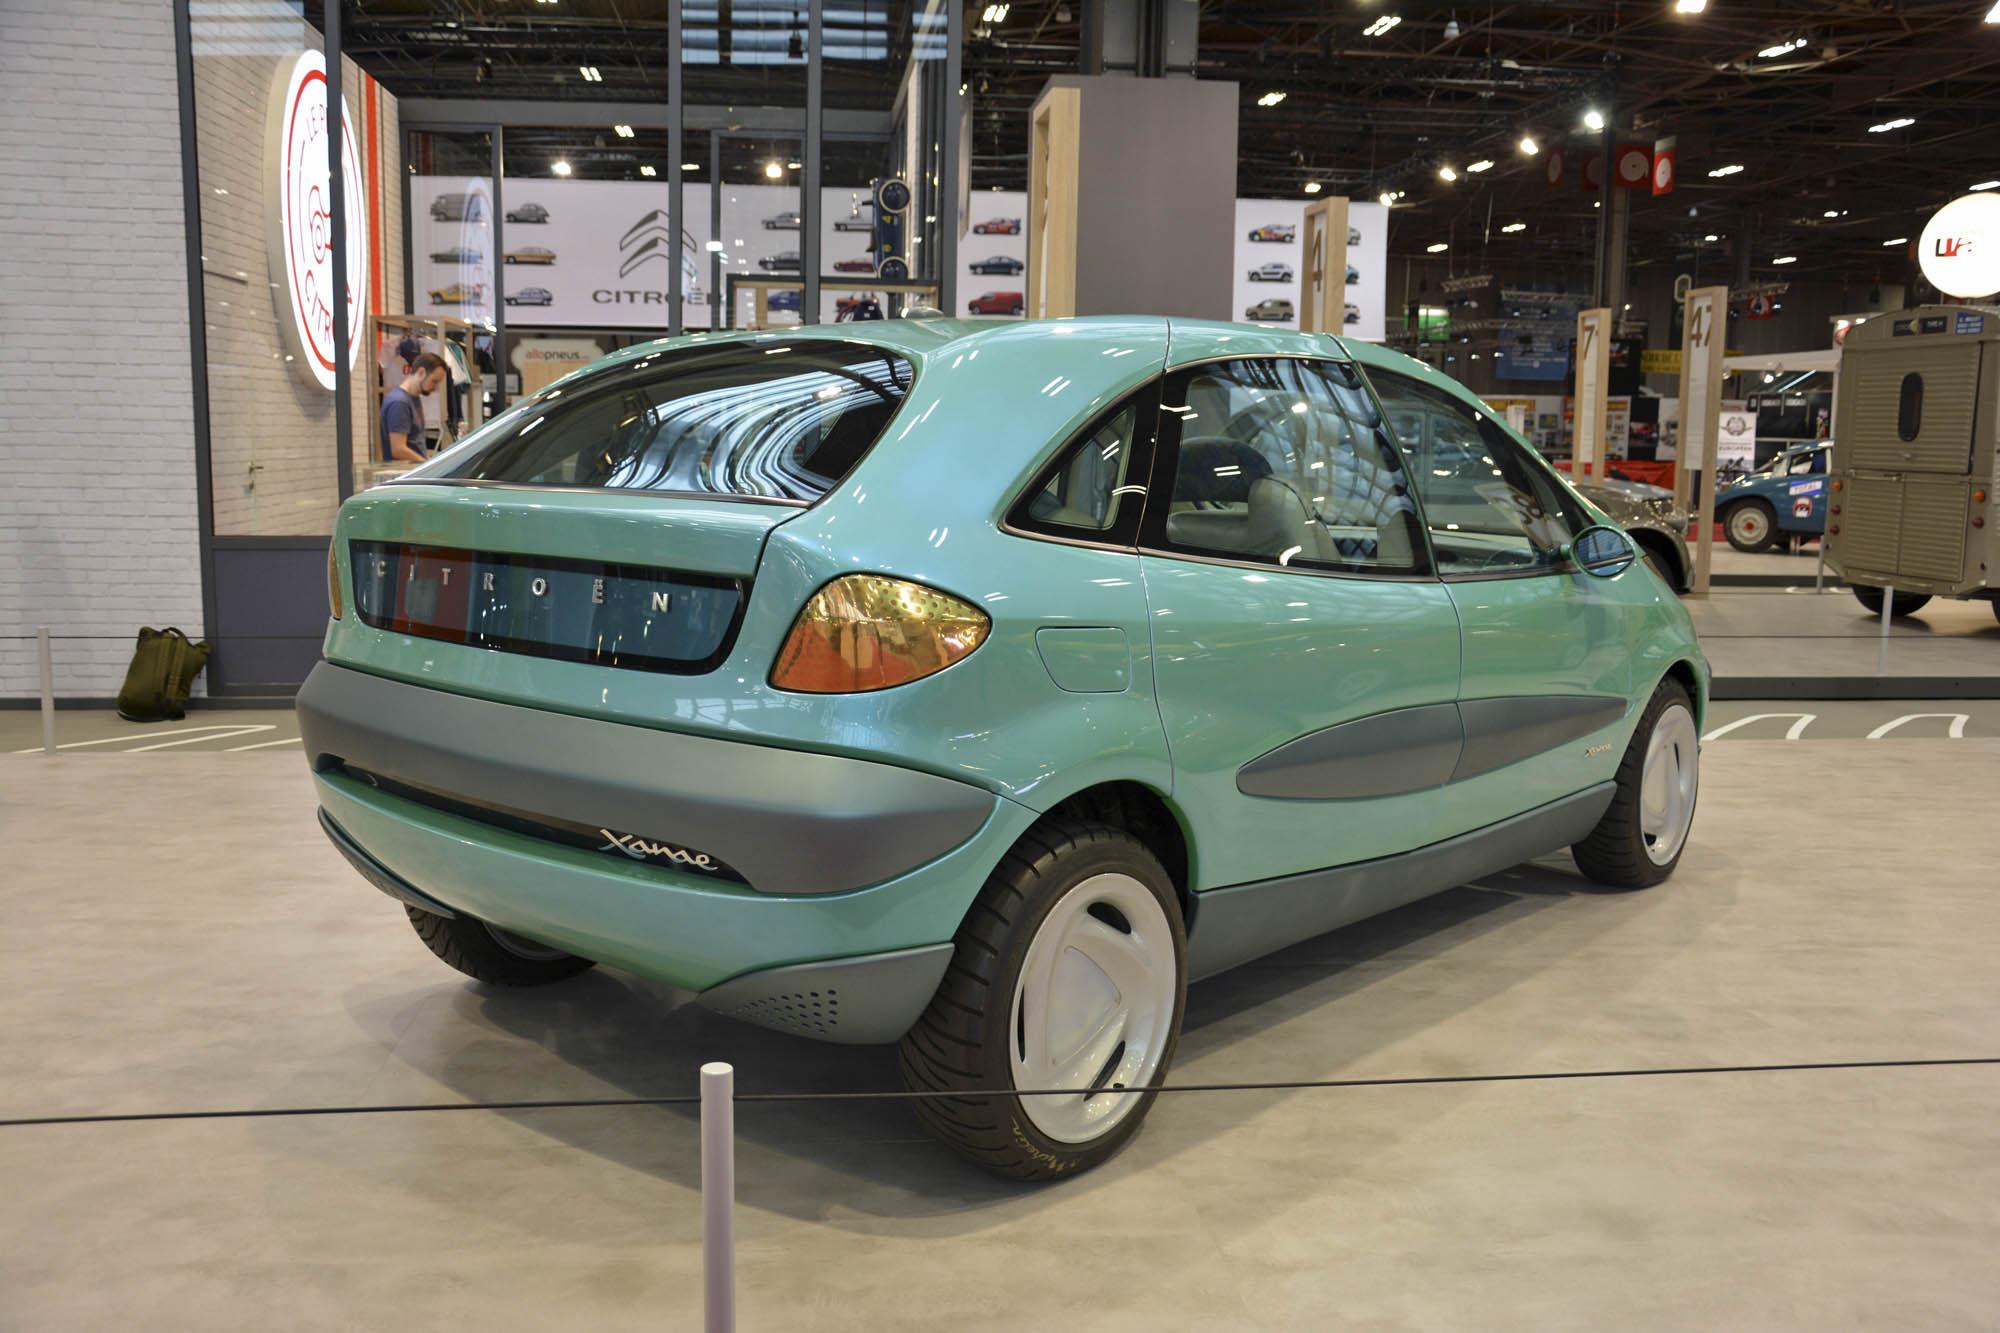 Citroën Xanae concept rear 3/4